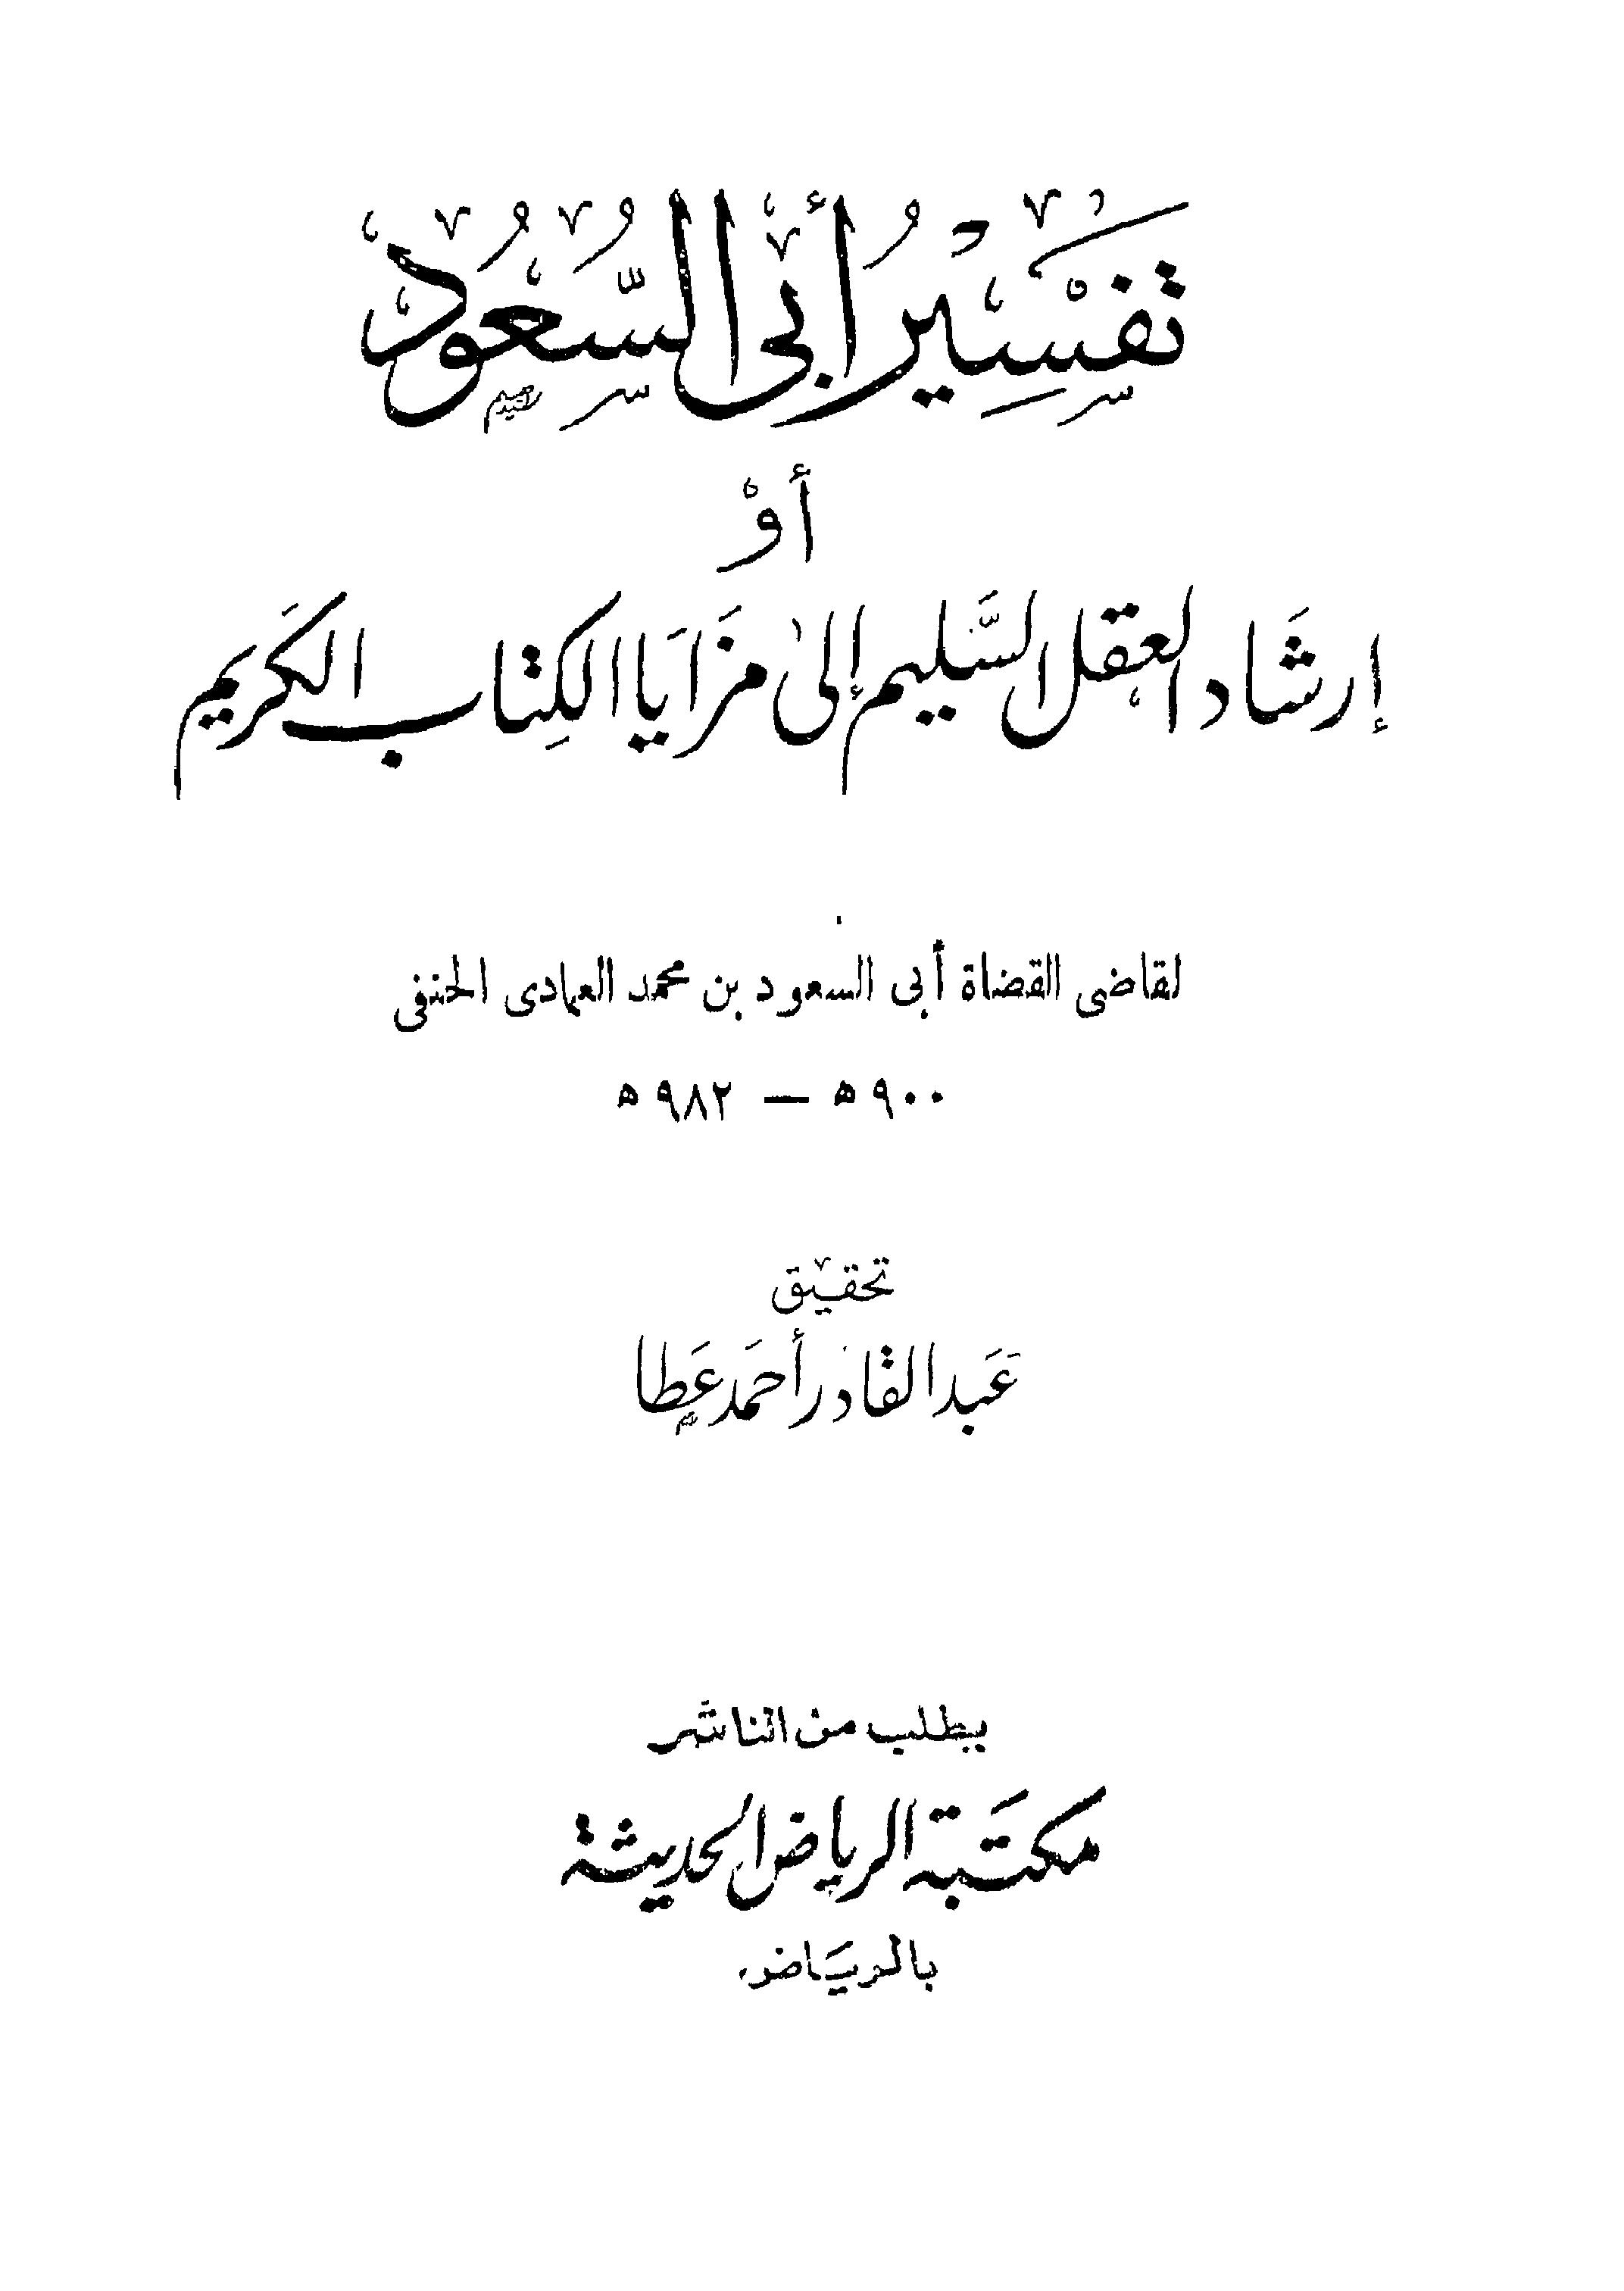 تحميل كتاب تفسير أبي السعود (إرشاد العقل السليم إلى مزايا الكتاب الكريم) لـِ: الإمام أبو السعود محمد بن محمد بن مصطفى العمادي الحنفي (982)